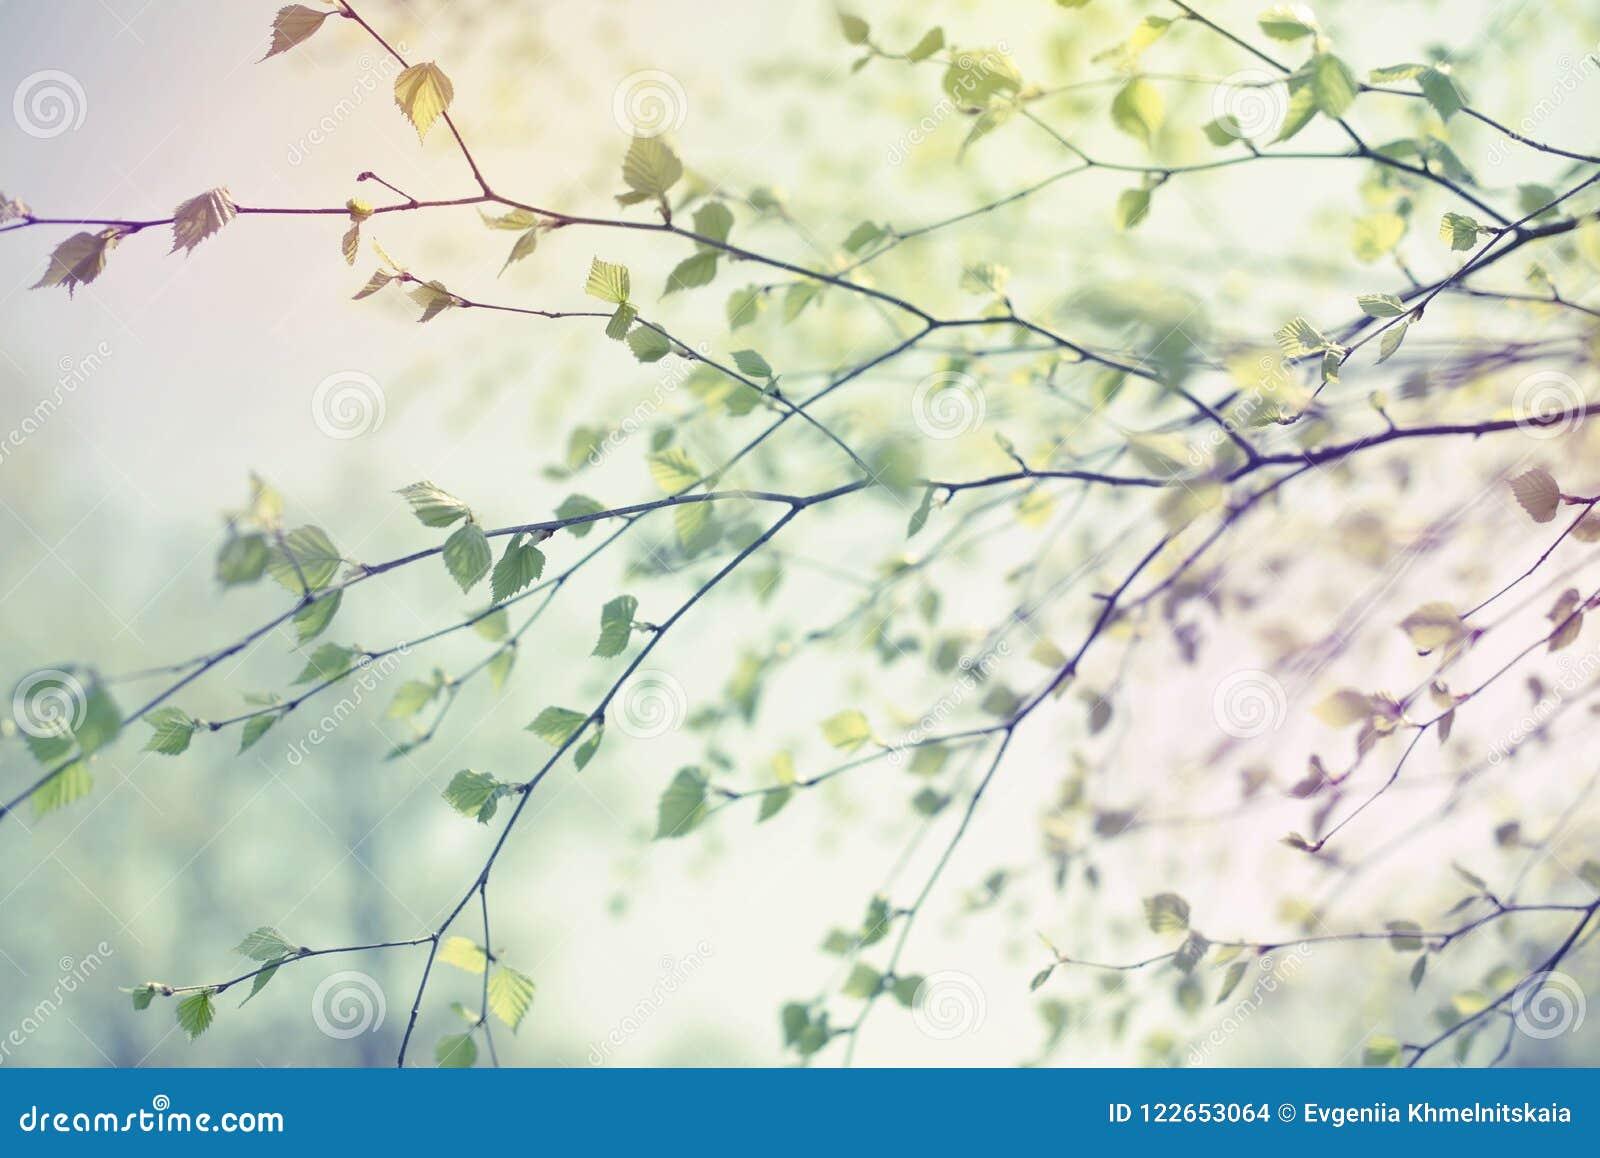 De mooie tak van de berkboom met groene bladeren in de hemel